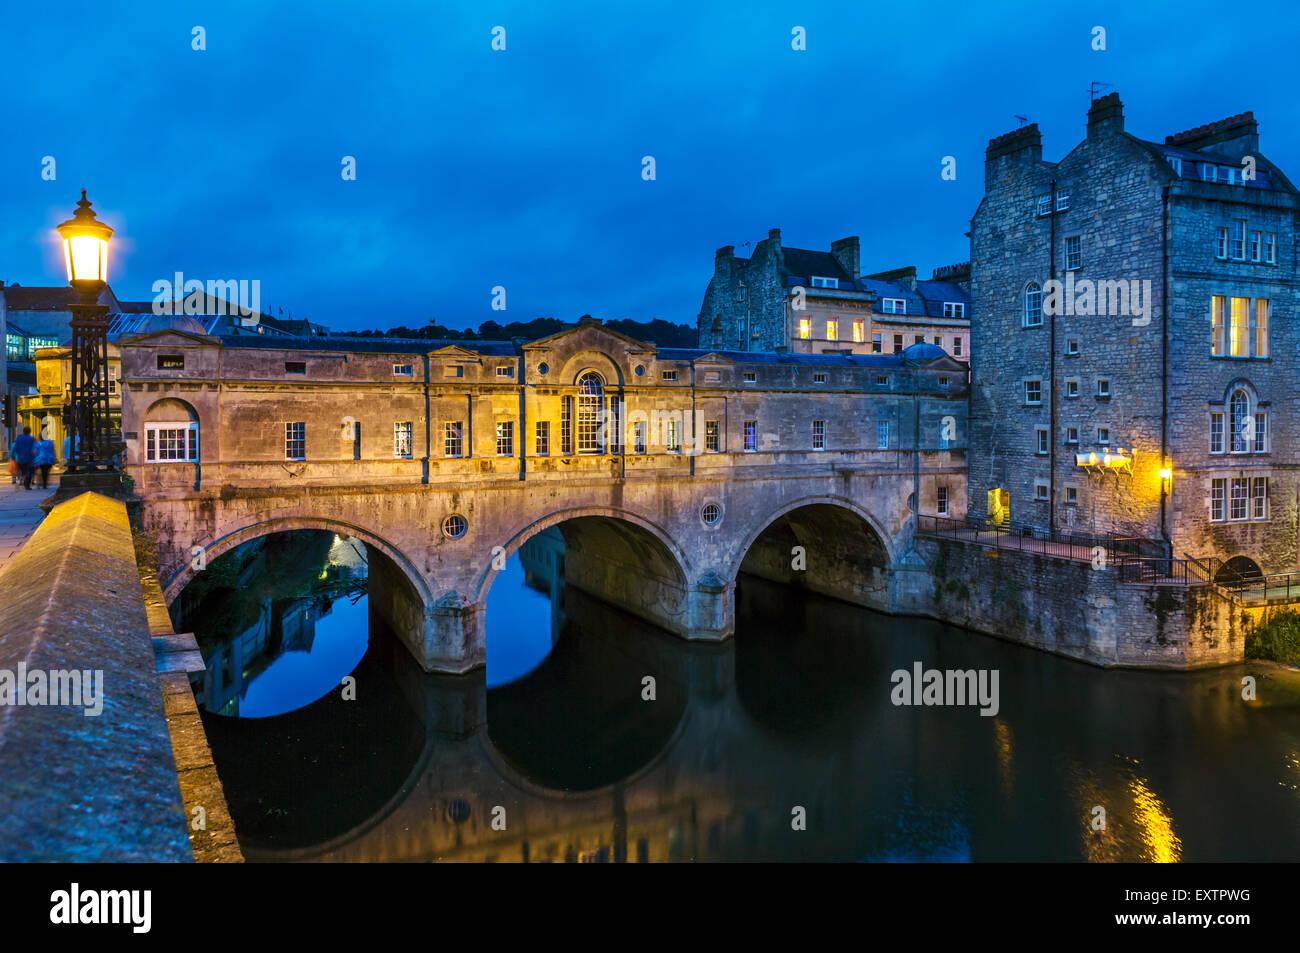 Nacht Schuss des historischen 18thC Pulteney Brücke über den Fluss Avon in die historische Stadtzentrum, Stockbild